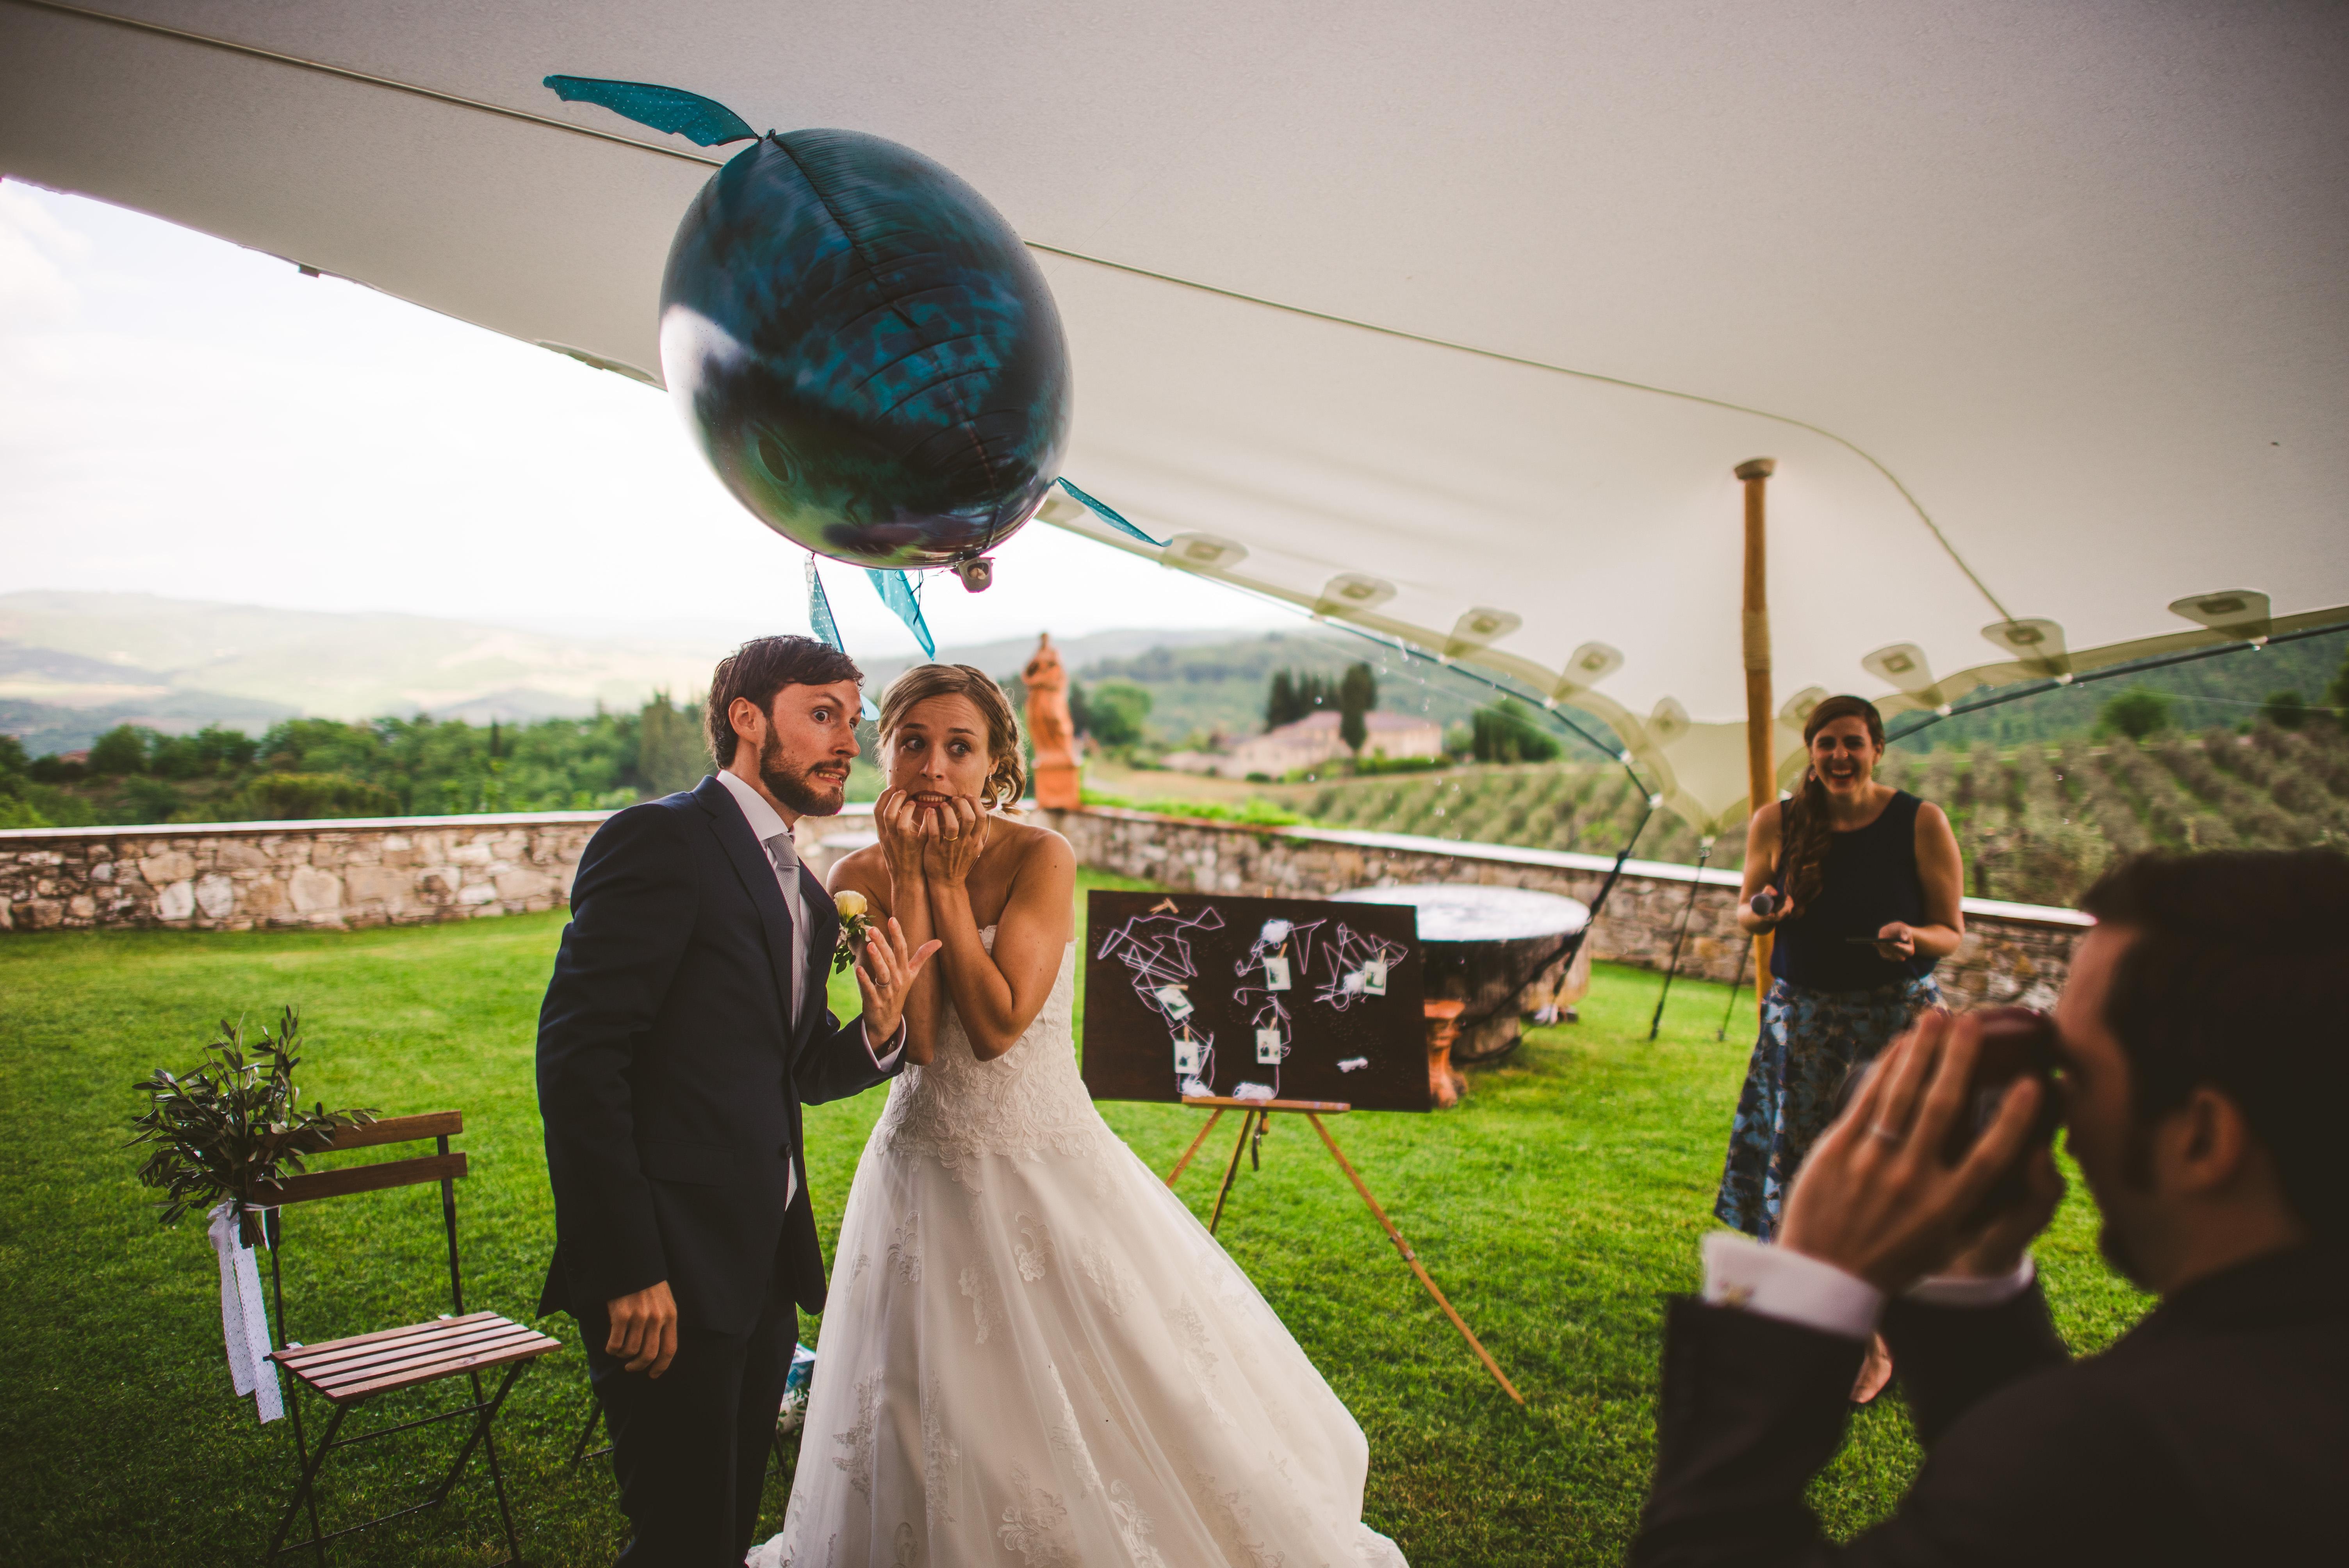 Mariage Toscane, mariage Italie, destination wedding, photo mariage, photos de couple, mariage suisse, mariés, bleu je te veux, cérémonie laique